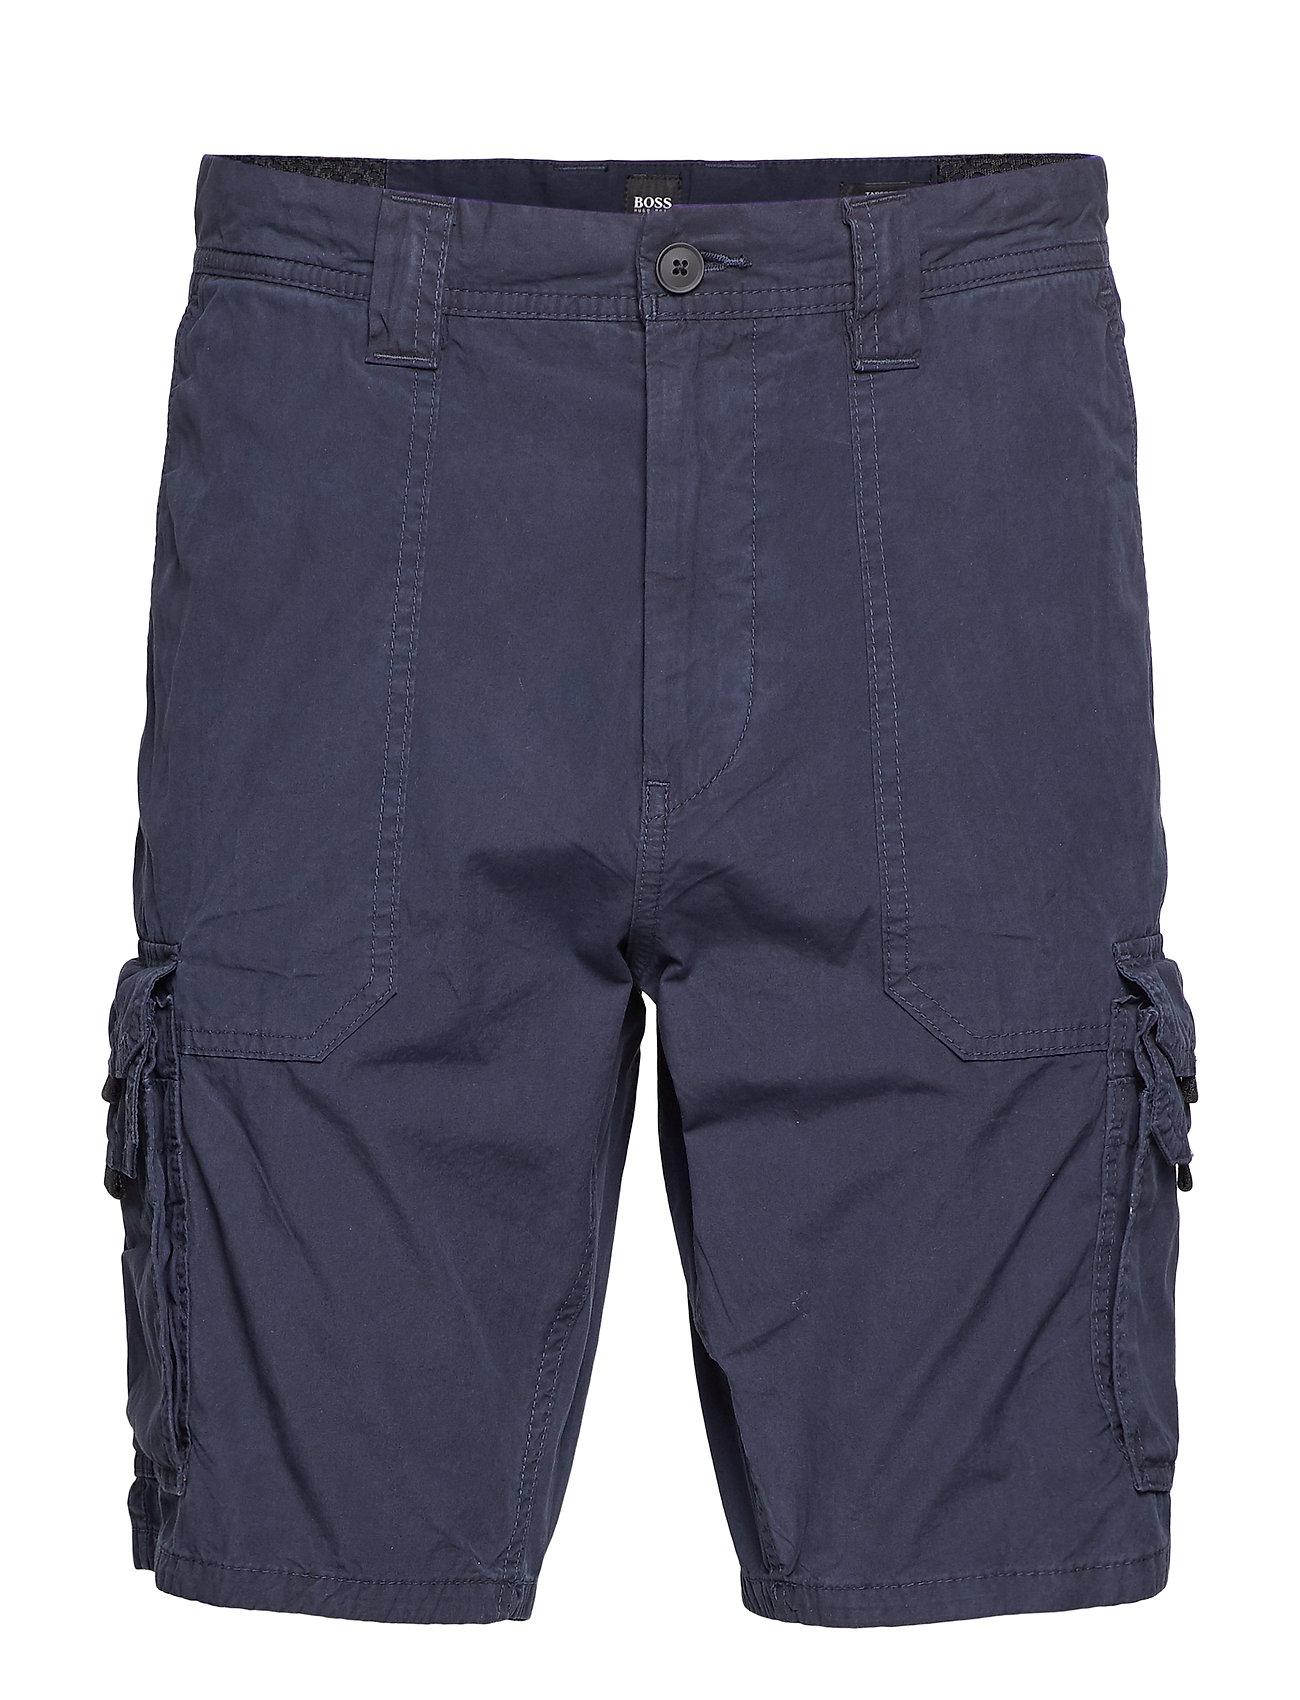 28acad8ef5ff Boss Casual Wear Sargo Shorts Shorts nqjtin6387-Herrkläder - www ...